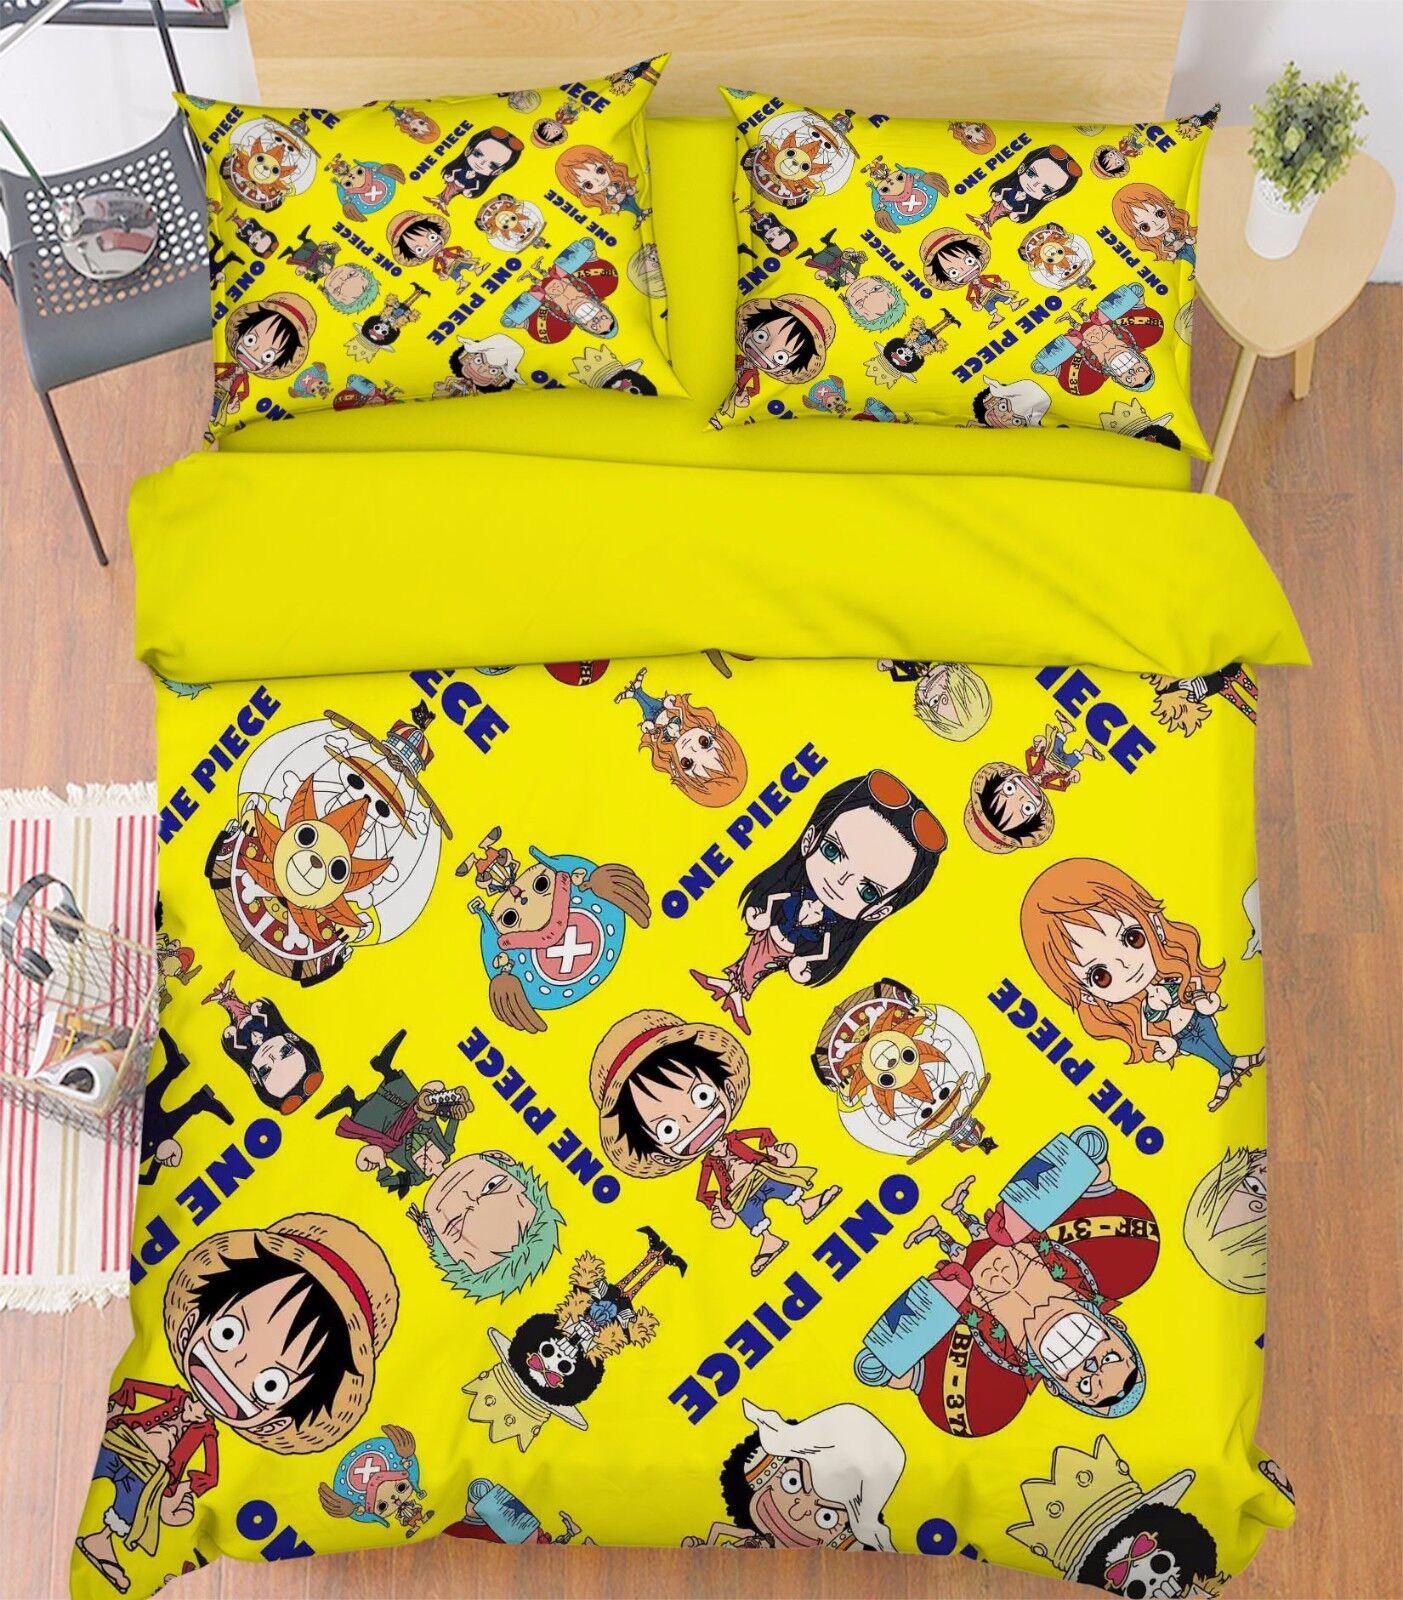 Bettwäsche WunderschöNen 3d Weihnachten Xmas 337 Bett Kissenbezüge Steppen Duvet Decken Set Single De Bettwaren, -wäsche & Matratzen